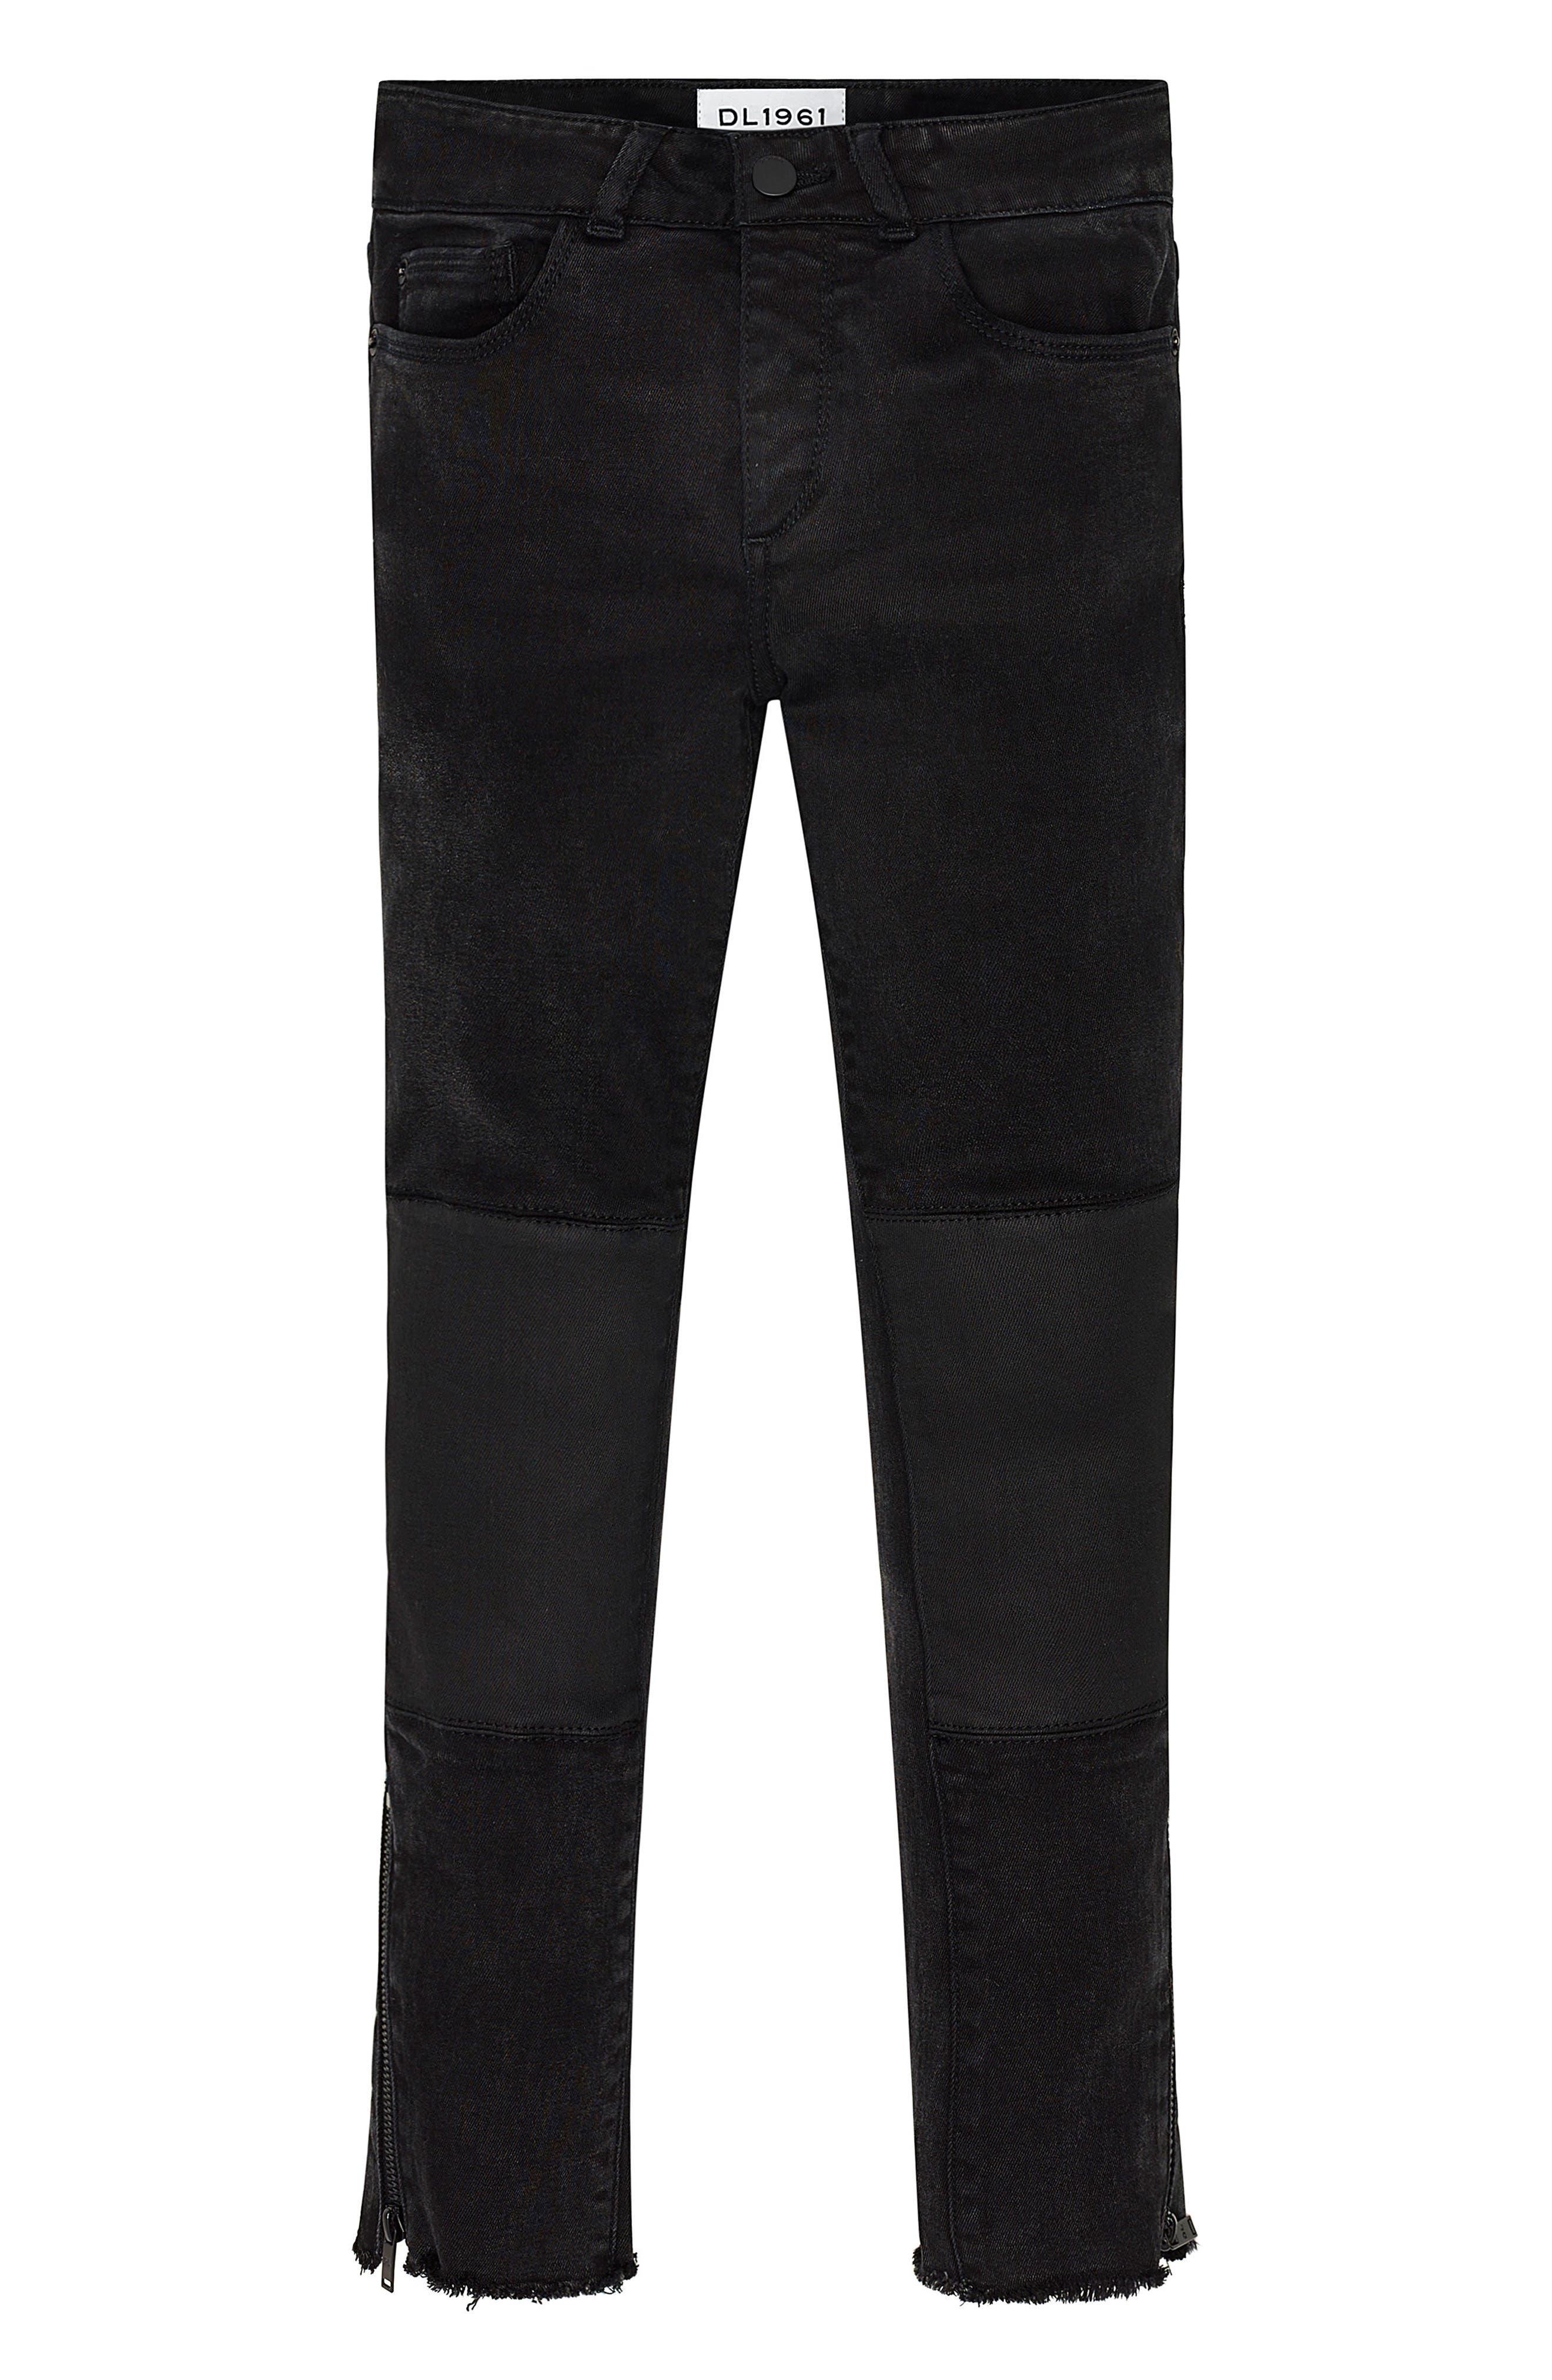 Main Image - DL1961 Chloe Raw Hem Skinny Jeans (Big Girls)